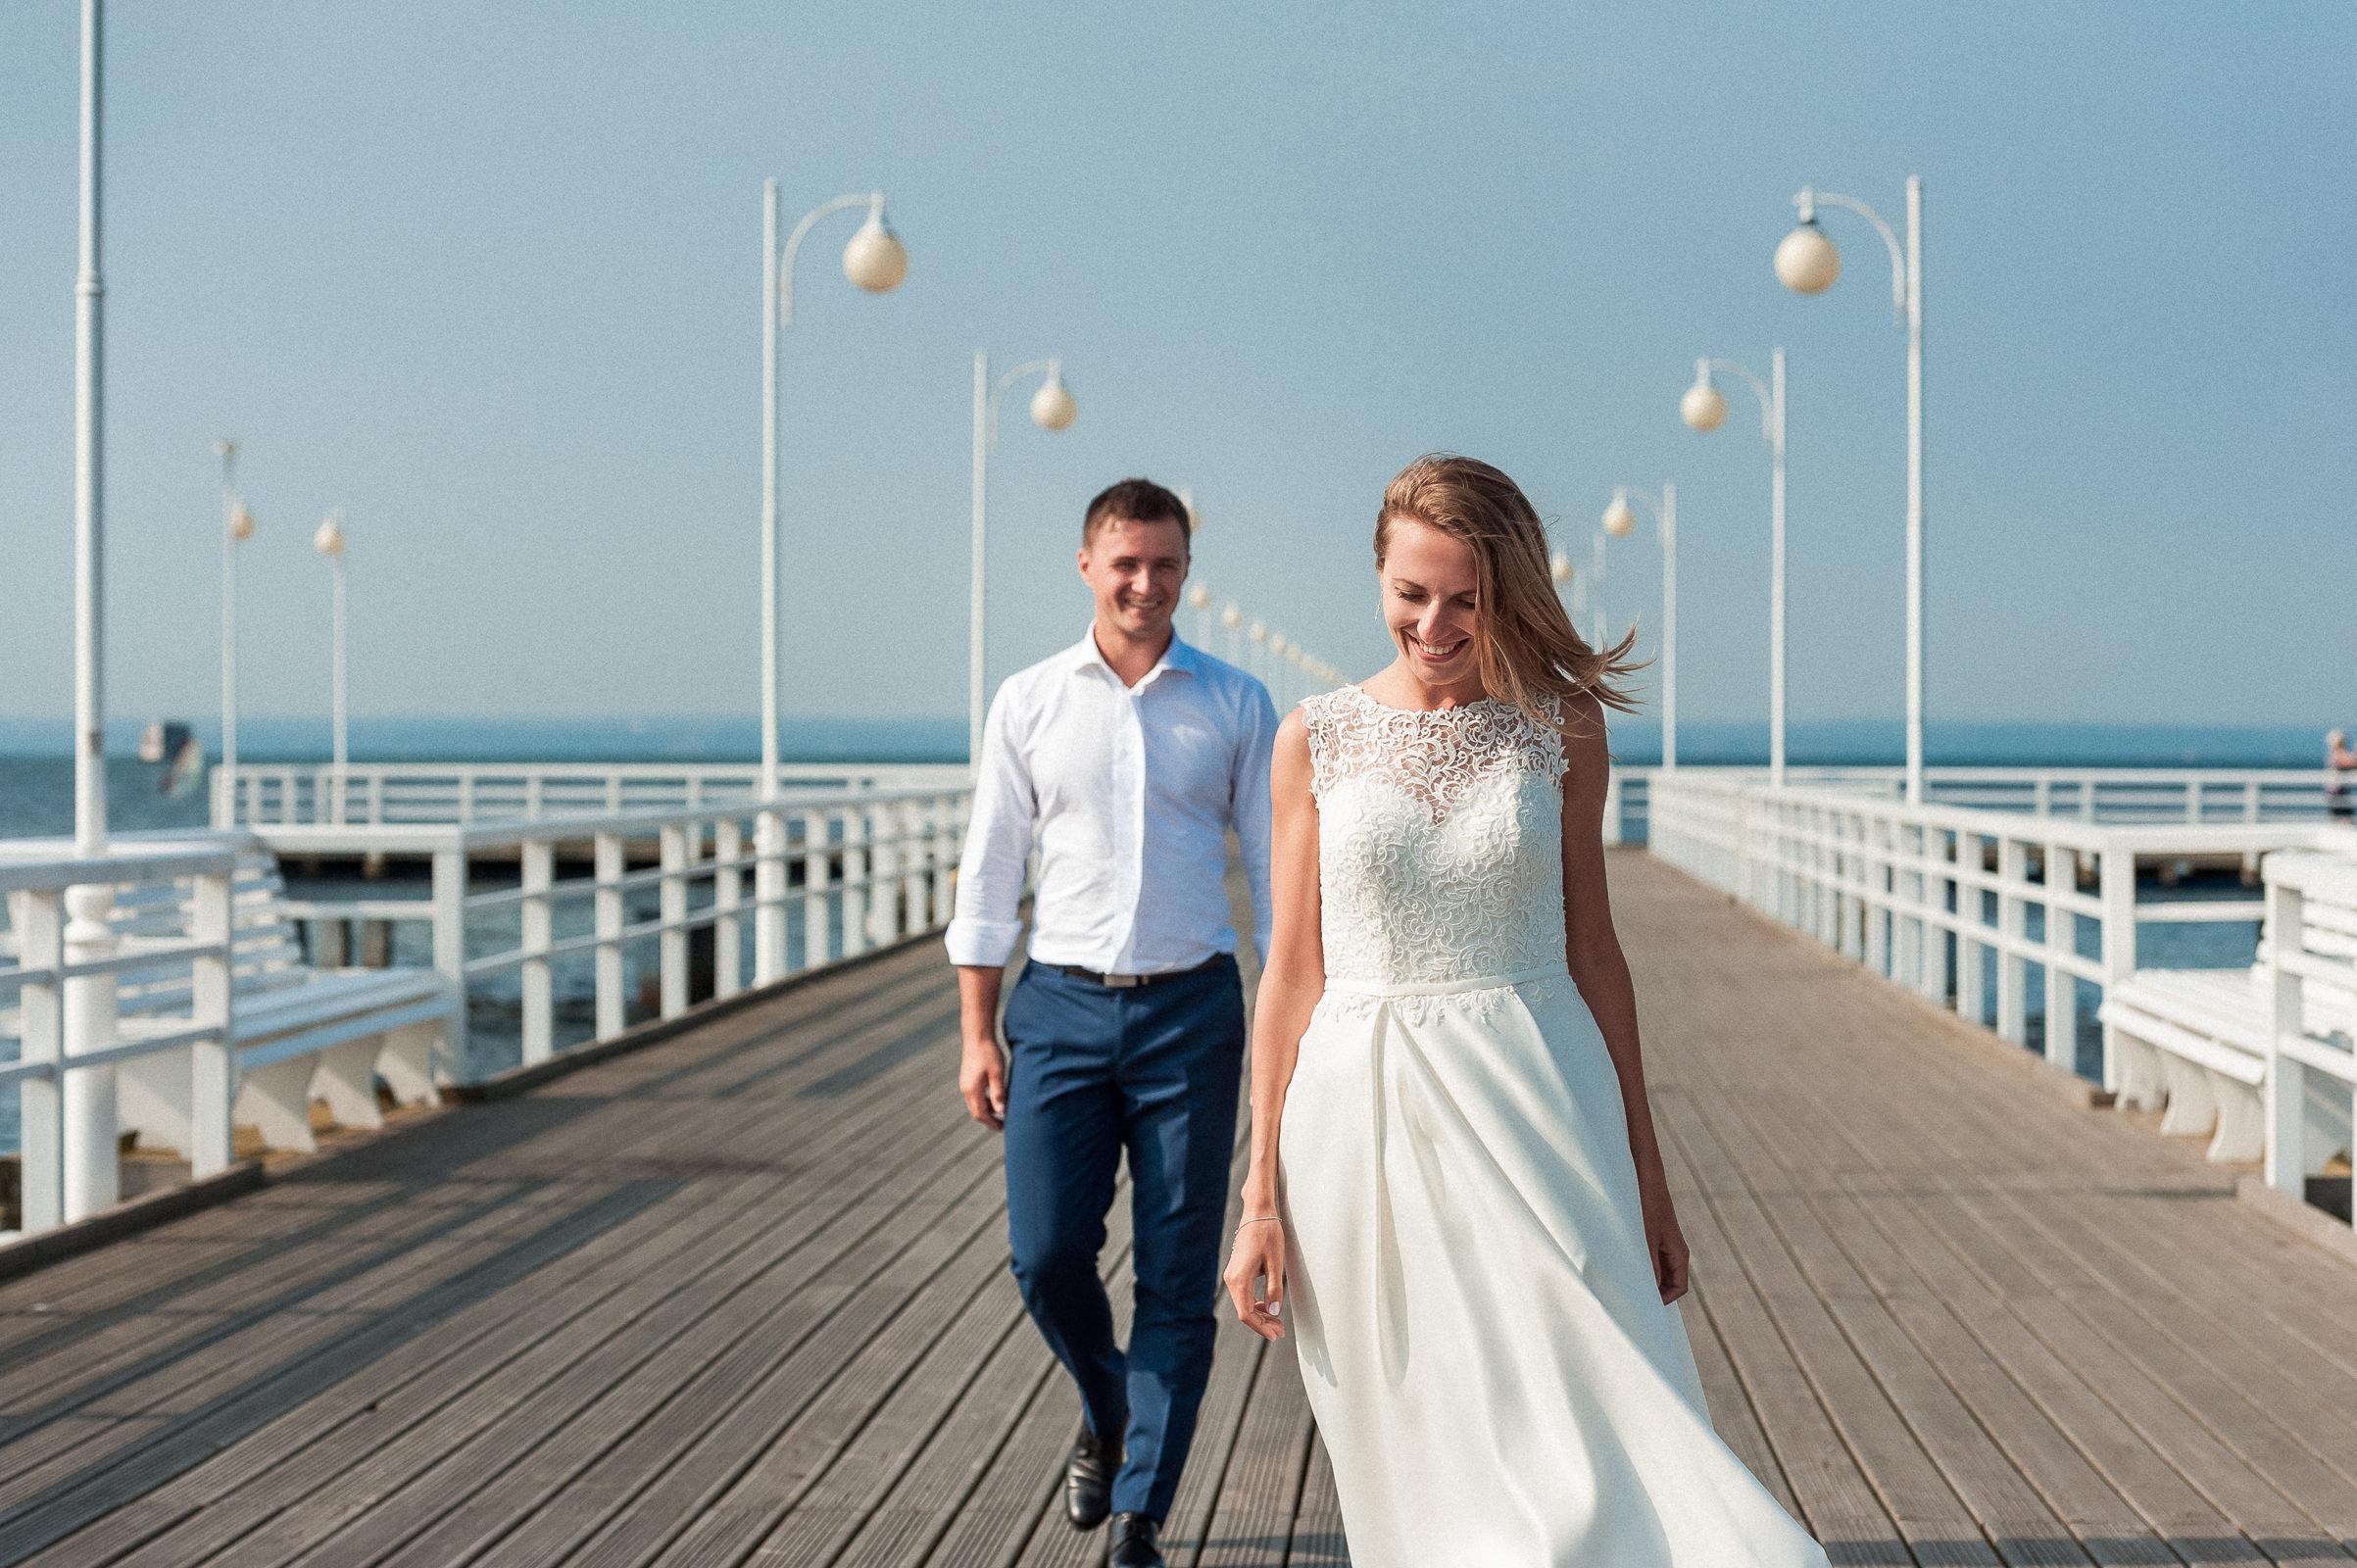 radosny spacer po molo w Juracie na Plenerze ślubnym